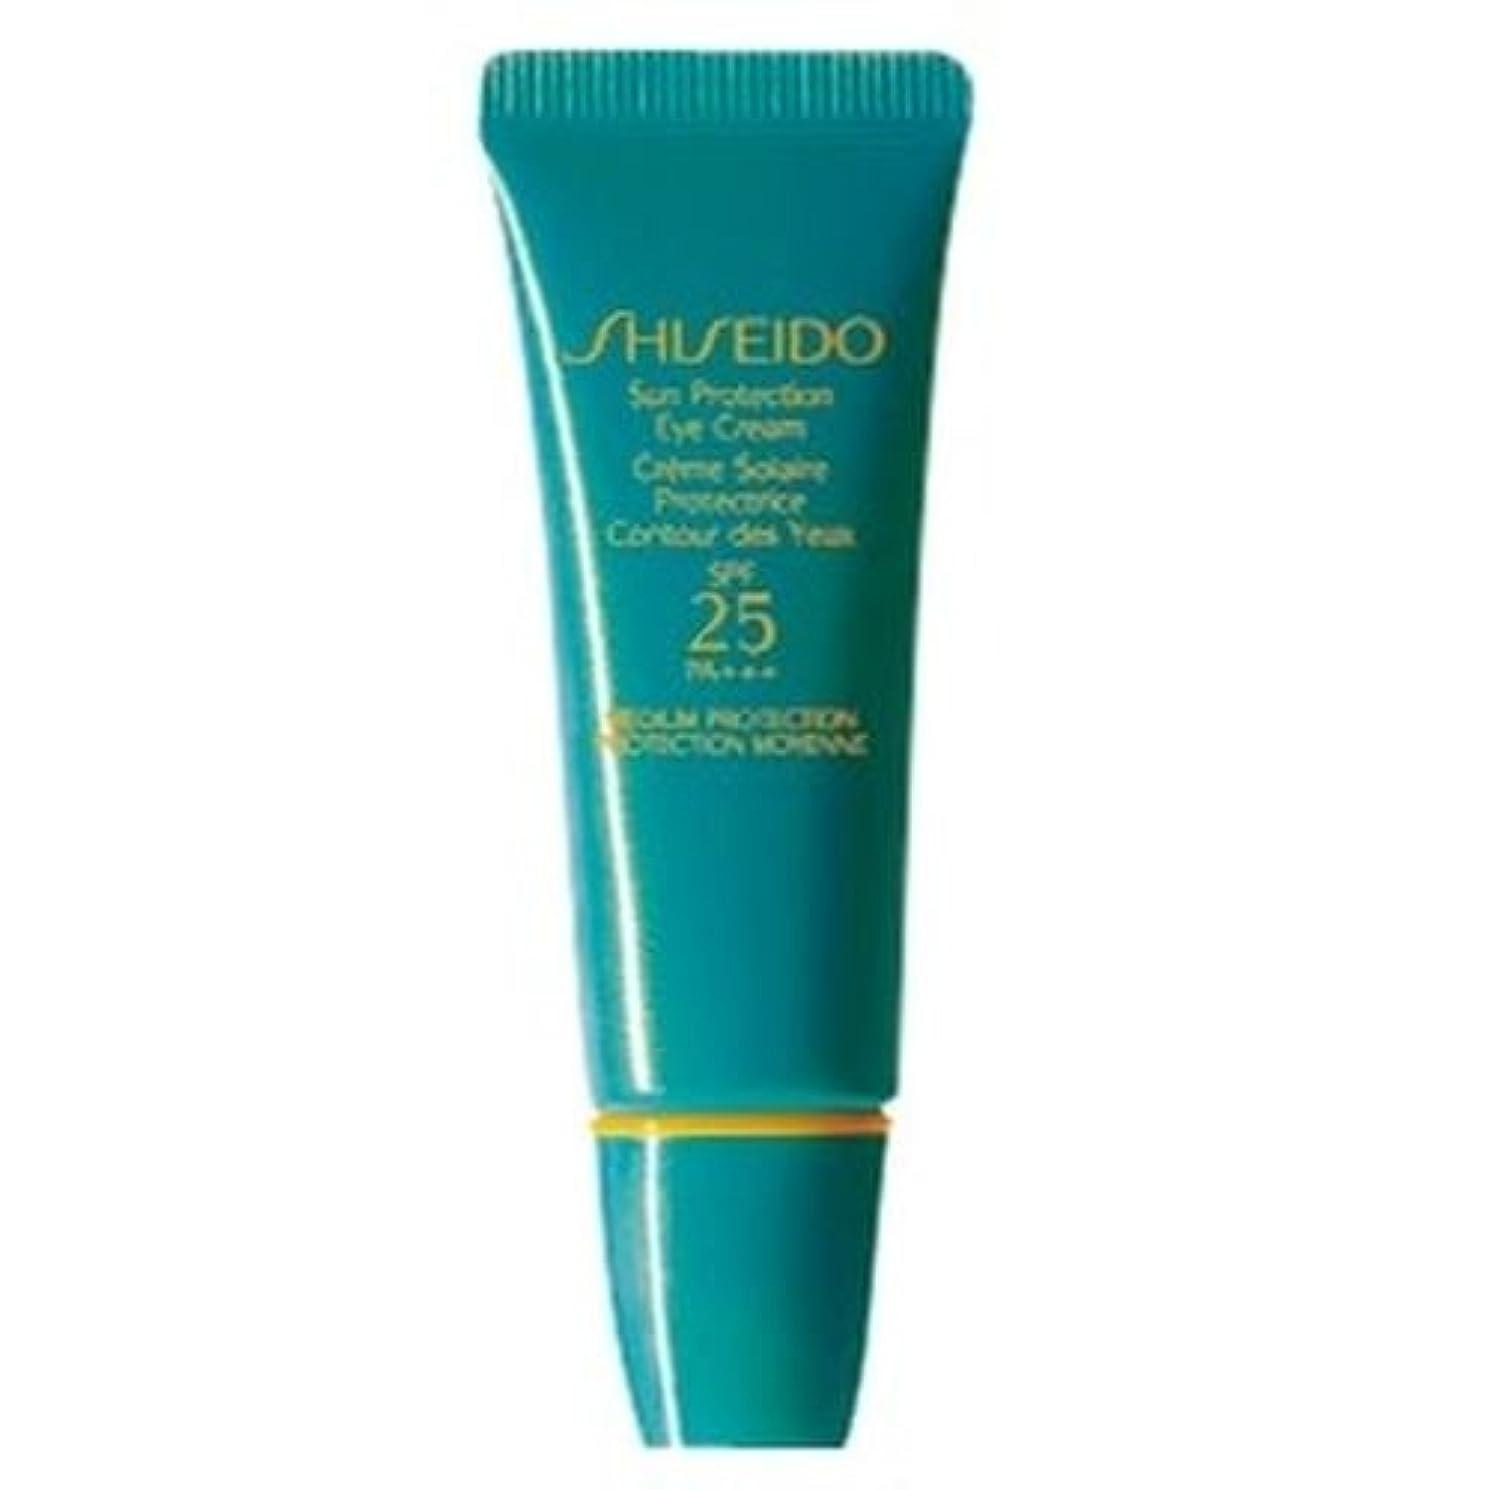 ドラフト知る保証[Shiseido] 資生堂サンプロテクションアイクリーム15ミリリットル - Shiseido Sun Protection Eye Cream 15ml [並行輸入品]